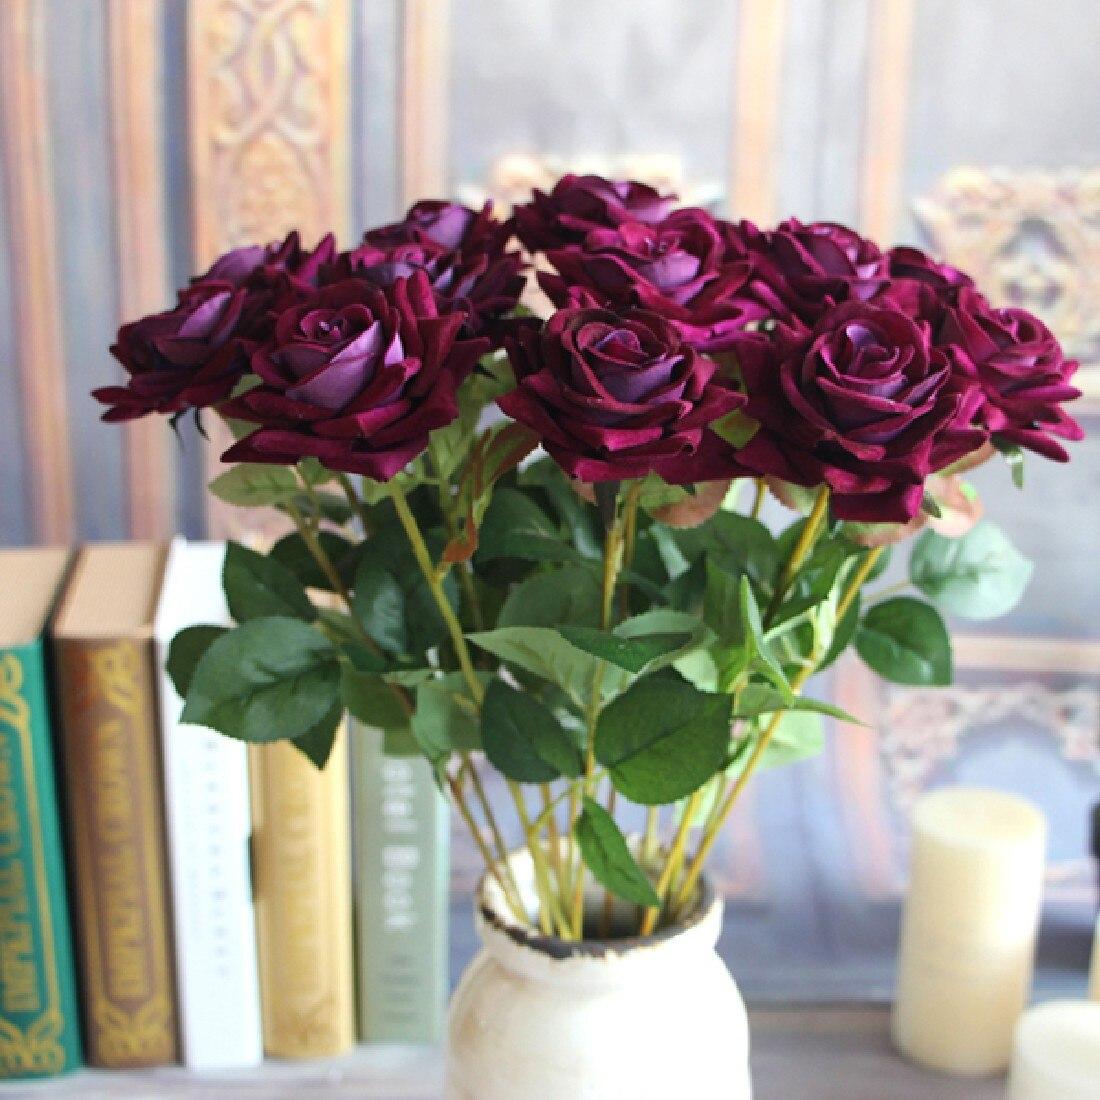 1 unidad francesa romántica flor de Rosa artificial DIY Flor de seda para fiesta hogar boda vacaciones decoración San Valentín rosa